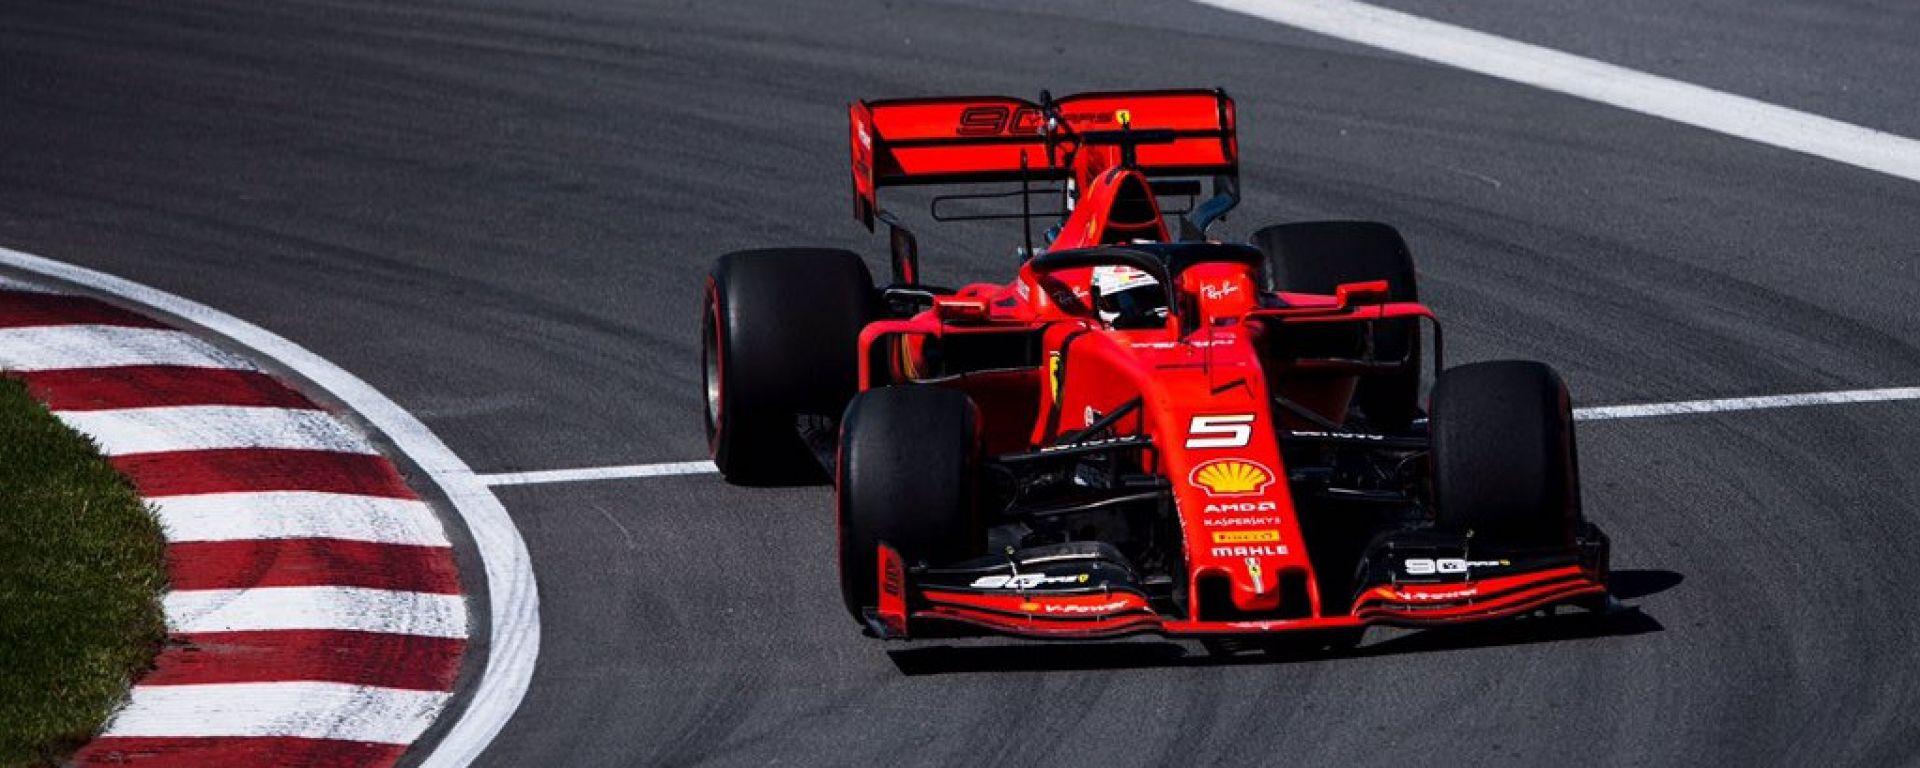 F1 Gp Canada 2019 – PL3: Vettel e Leclerc fanno sperare la Ferrari